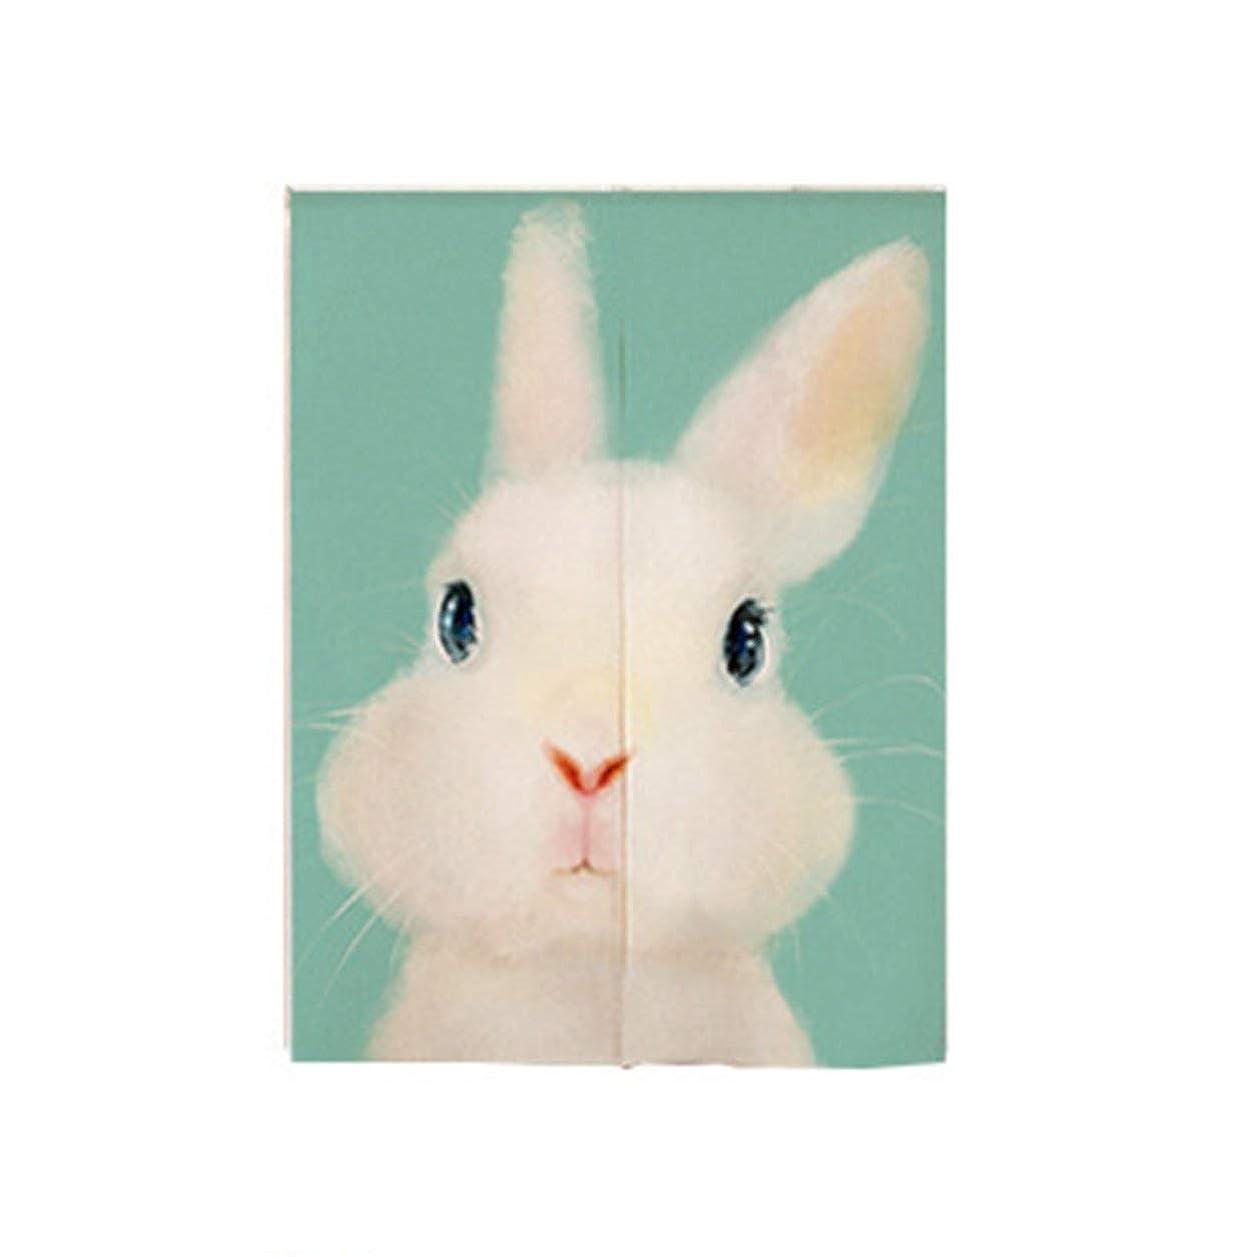 ネックレススラッシュポットSaikogoods かわいいかわいい漫画の動物のプリントの子供のベッドルームリビングルームコットンカーテンハーフオープンカーテンドアカーテン マルチカラーミックス